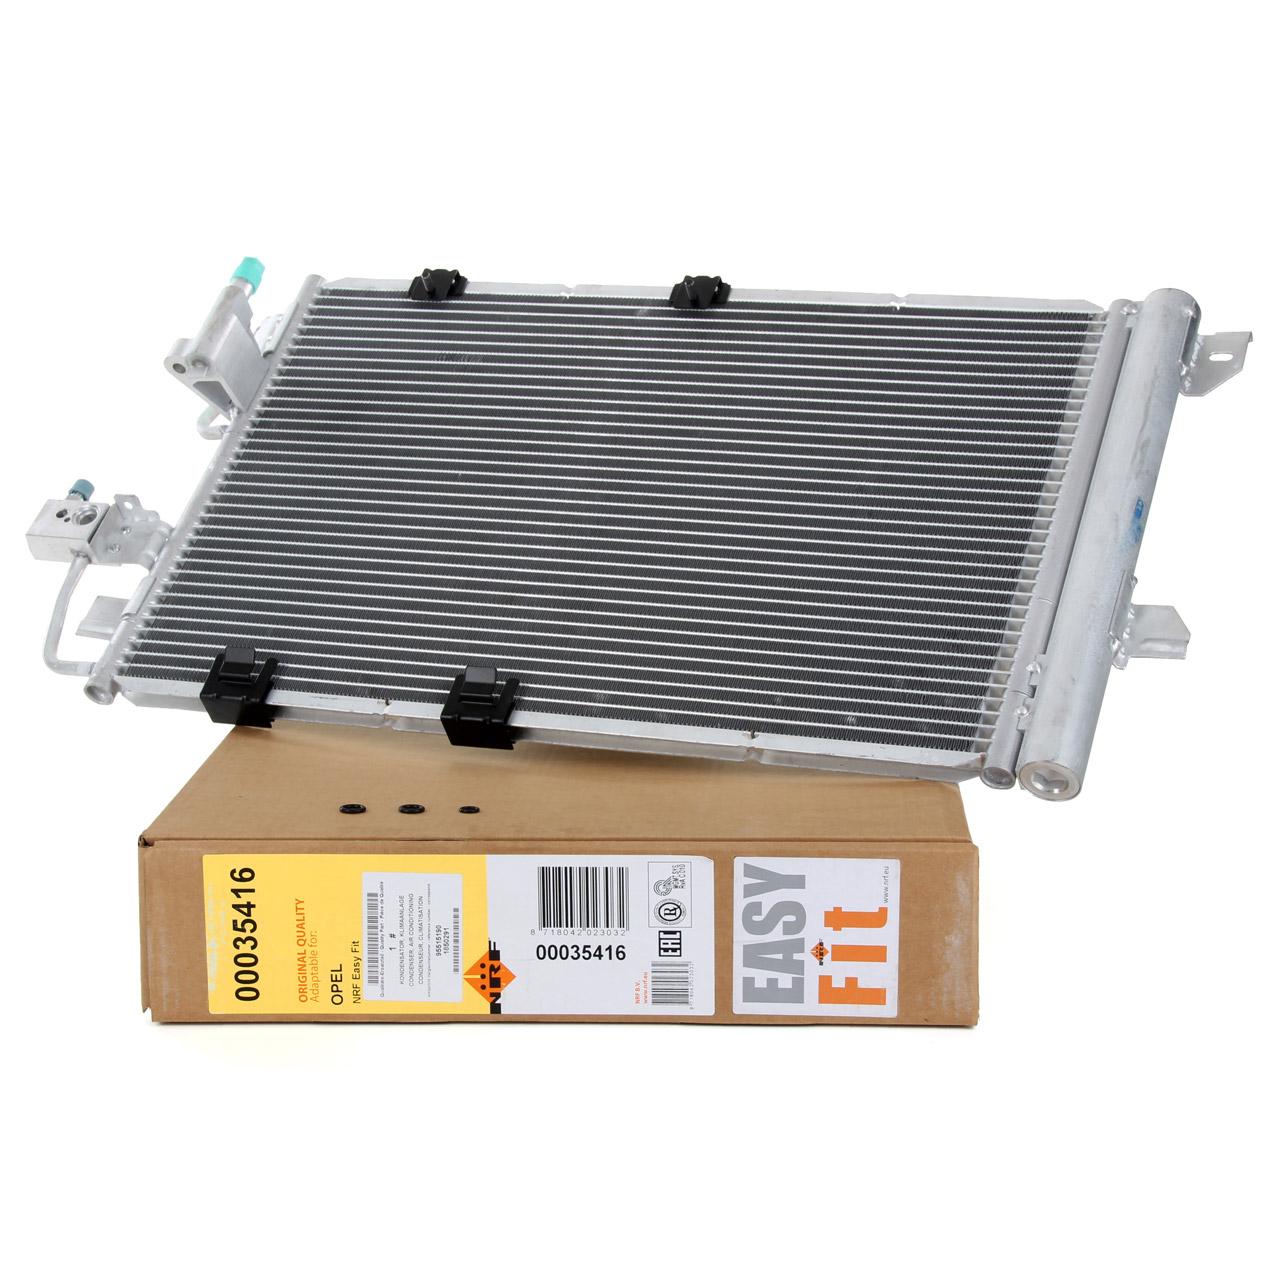 NRF 35416 Kondensator Klimakondensator EASY FIT OPEL Astra G T98 F70 Zafira A T98 13192901